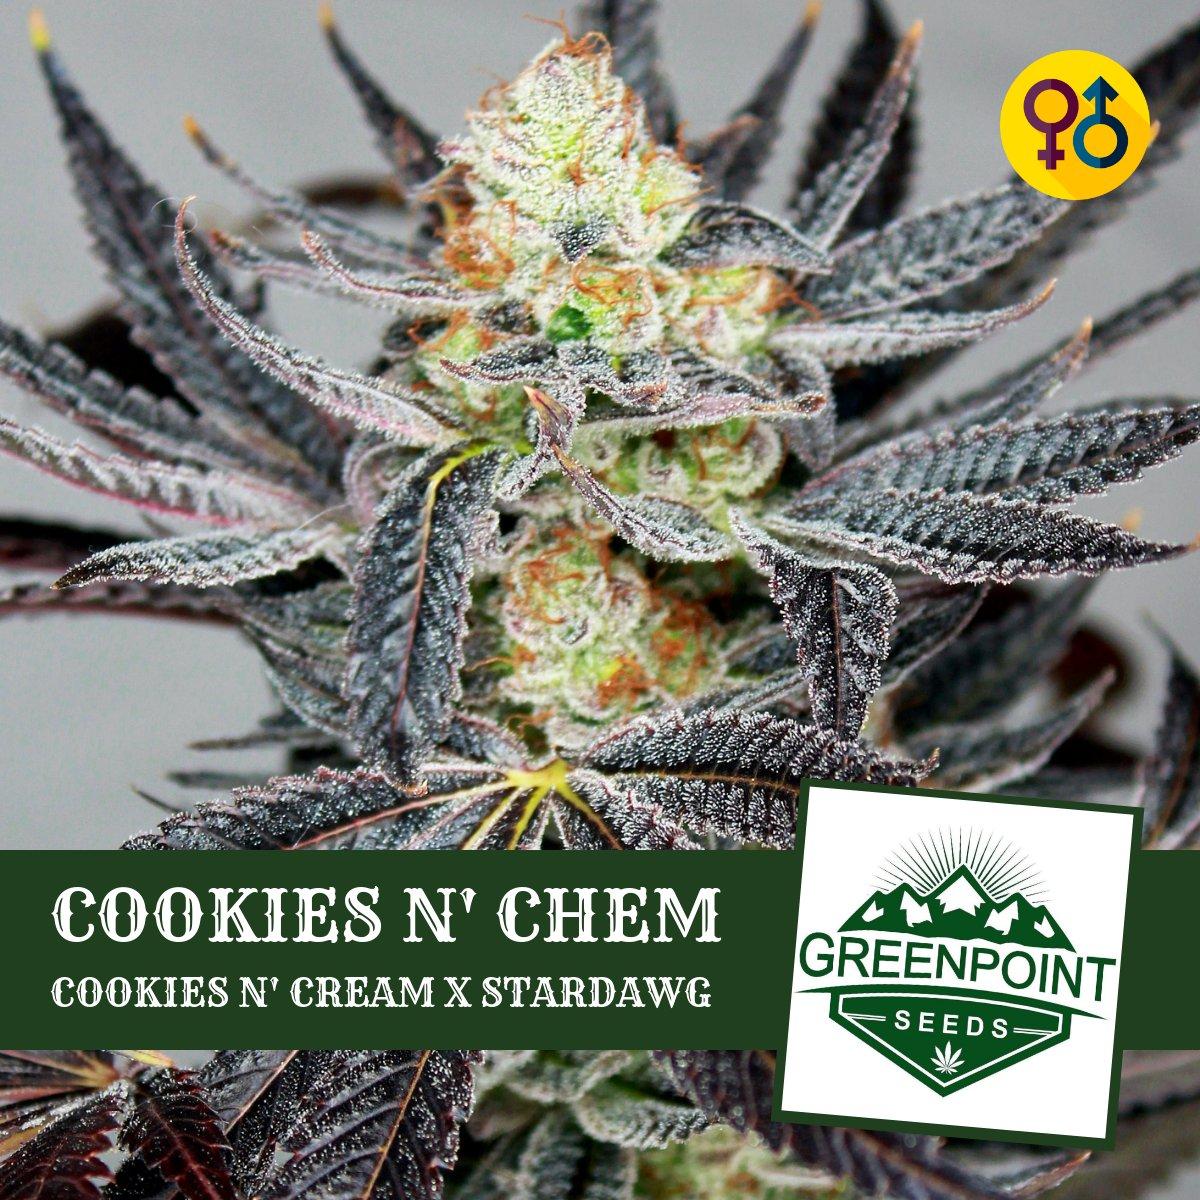 Cookies N Chem